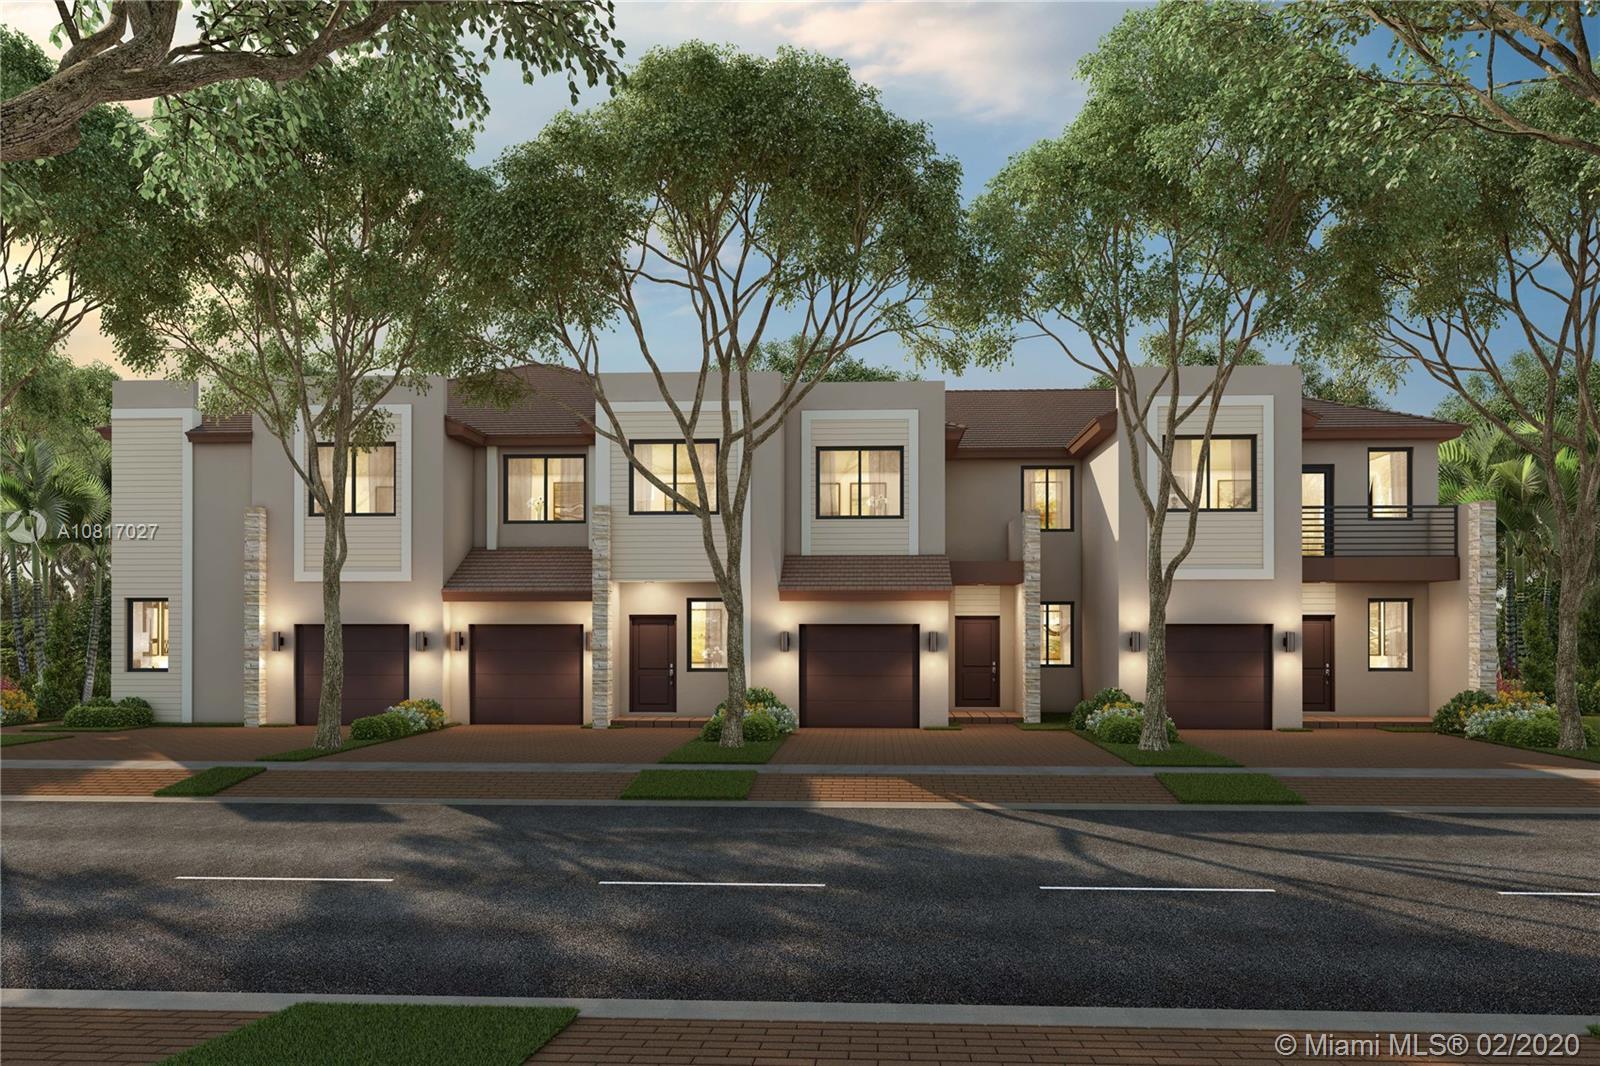 21388 NE 2 CT, Miami, FL 33179 - Miami, FL real estate listing